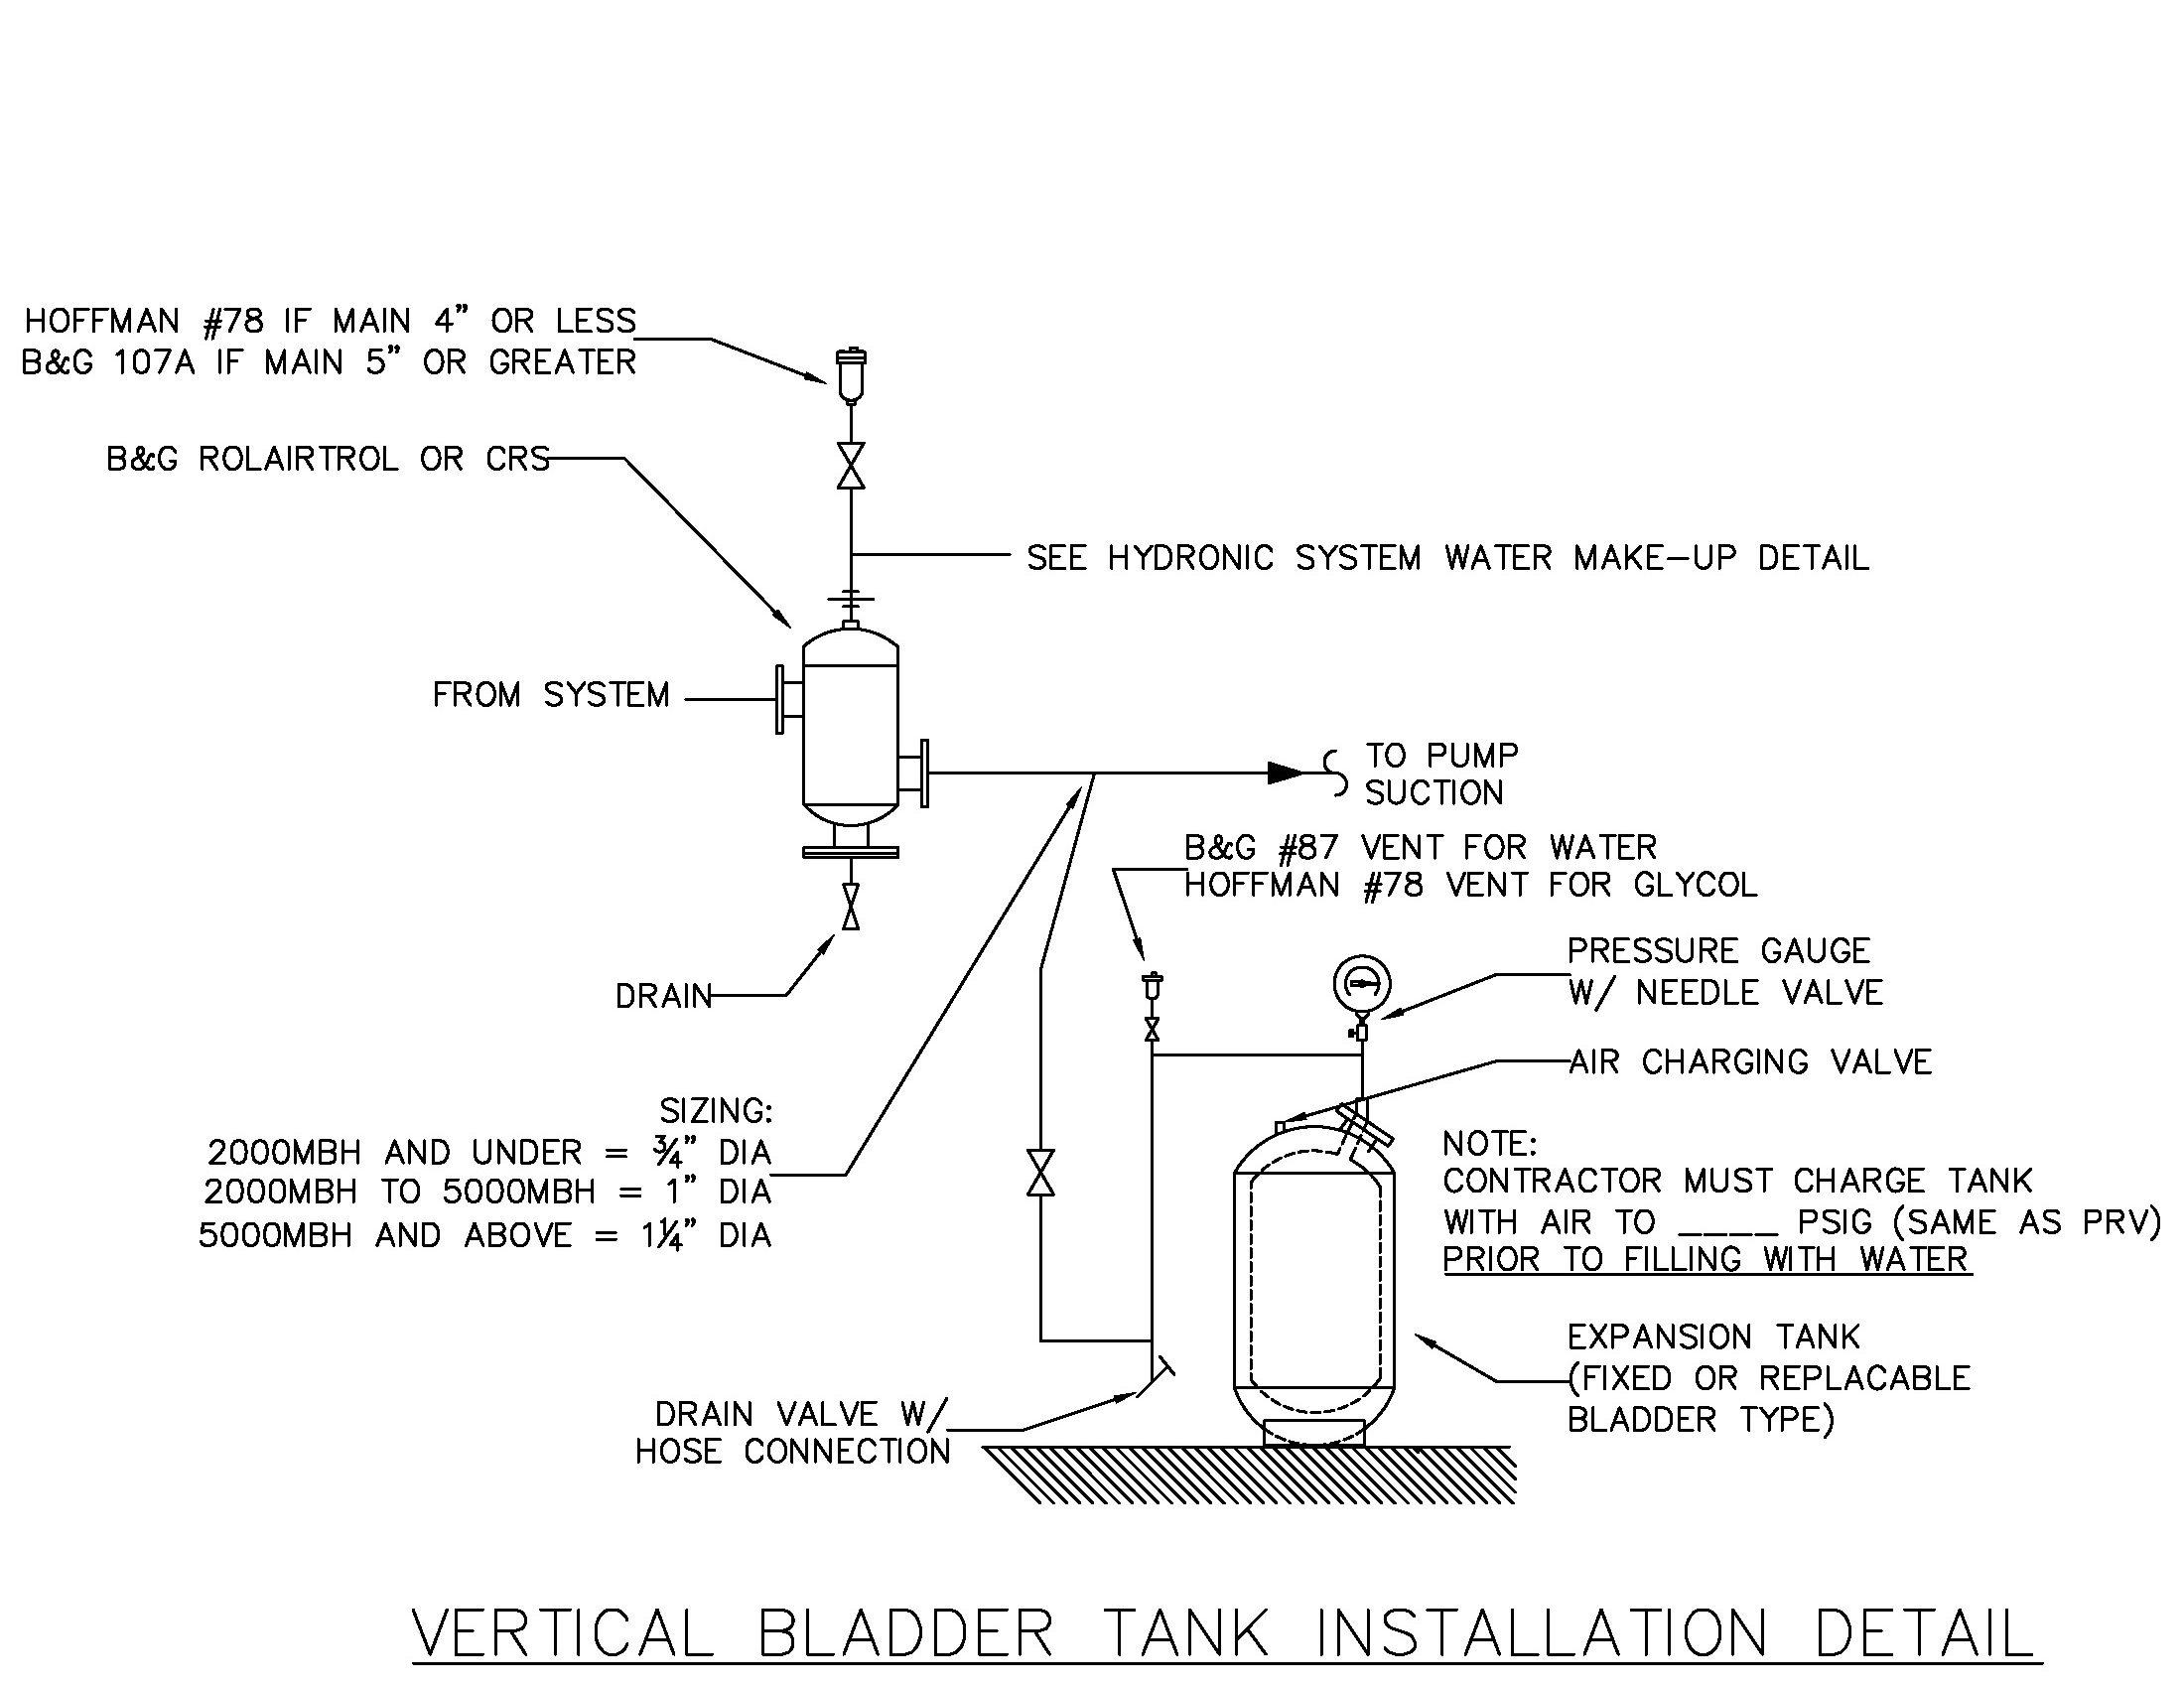 Vertical Bladder Tank Installation Detail